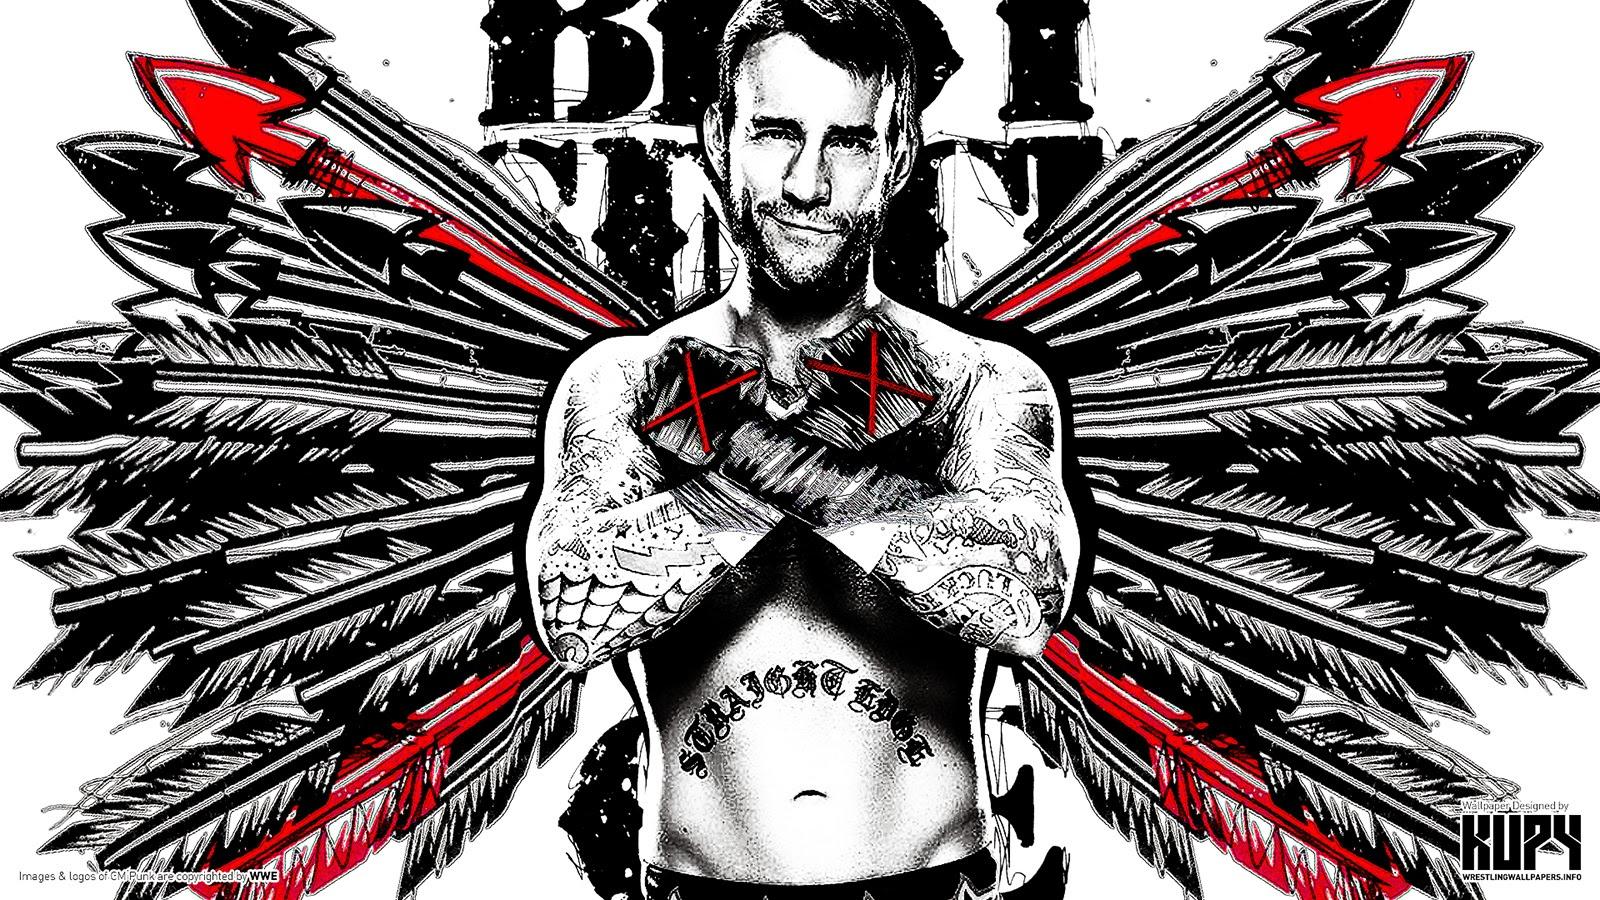 78 cm punk logo wallpaper on wallpapersafari - Cm punk logo images ...